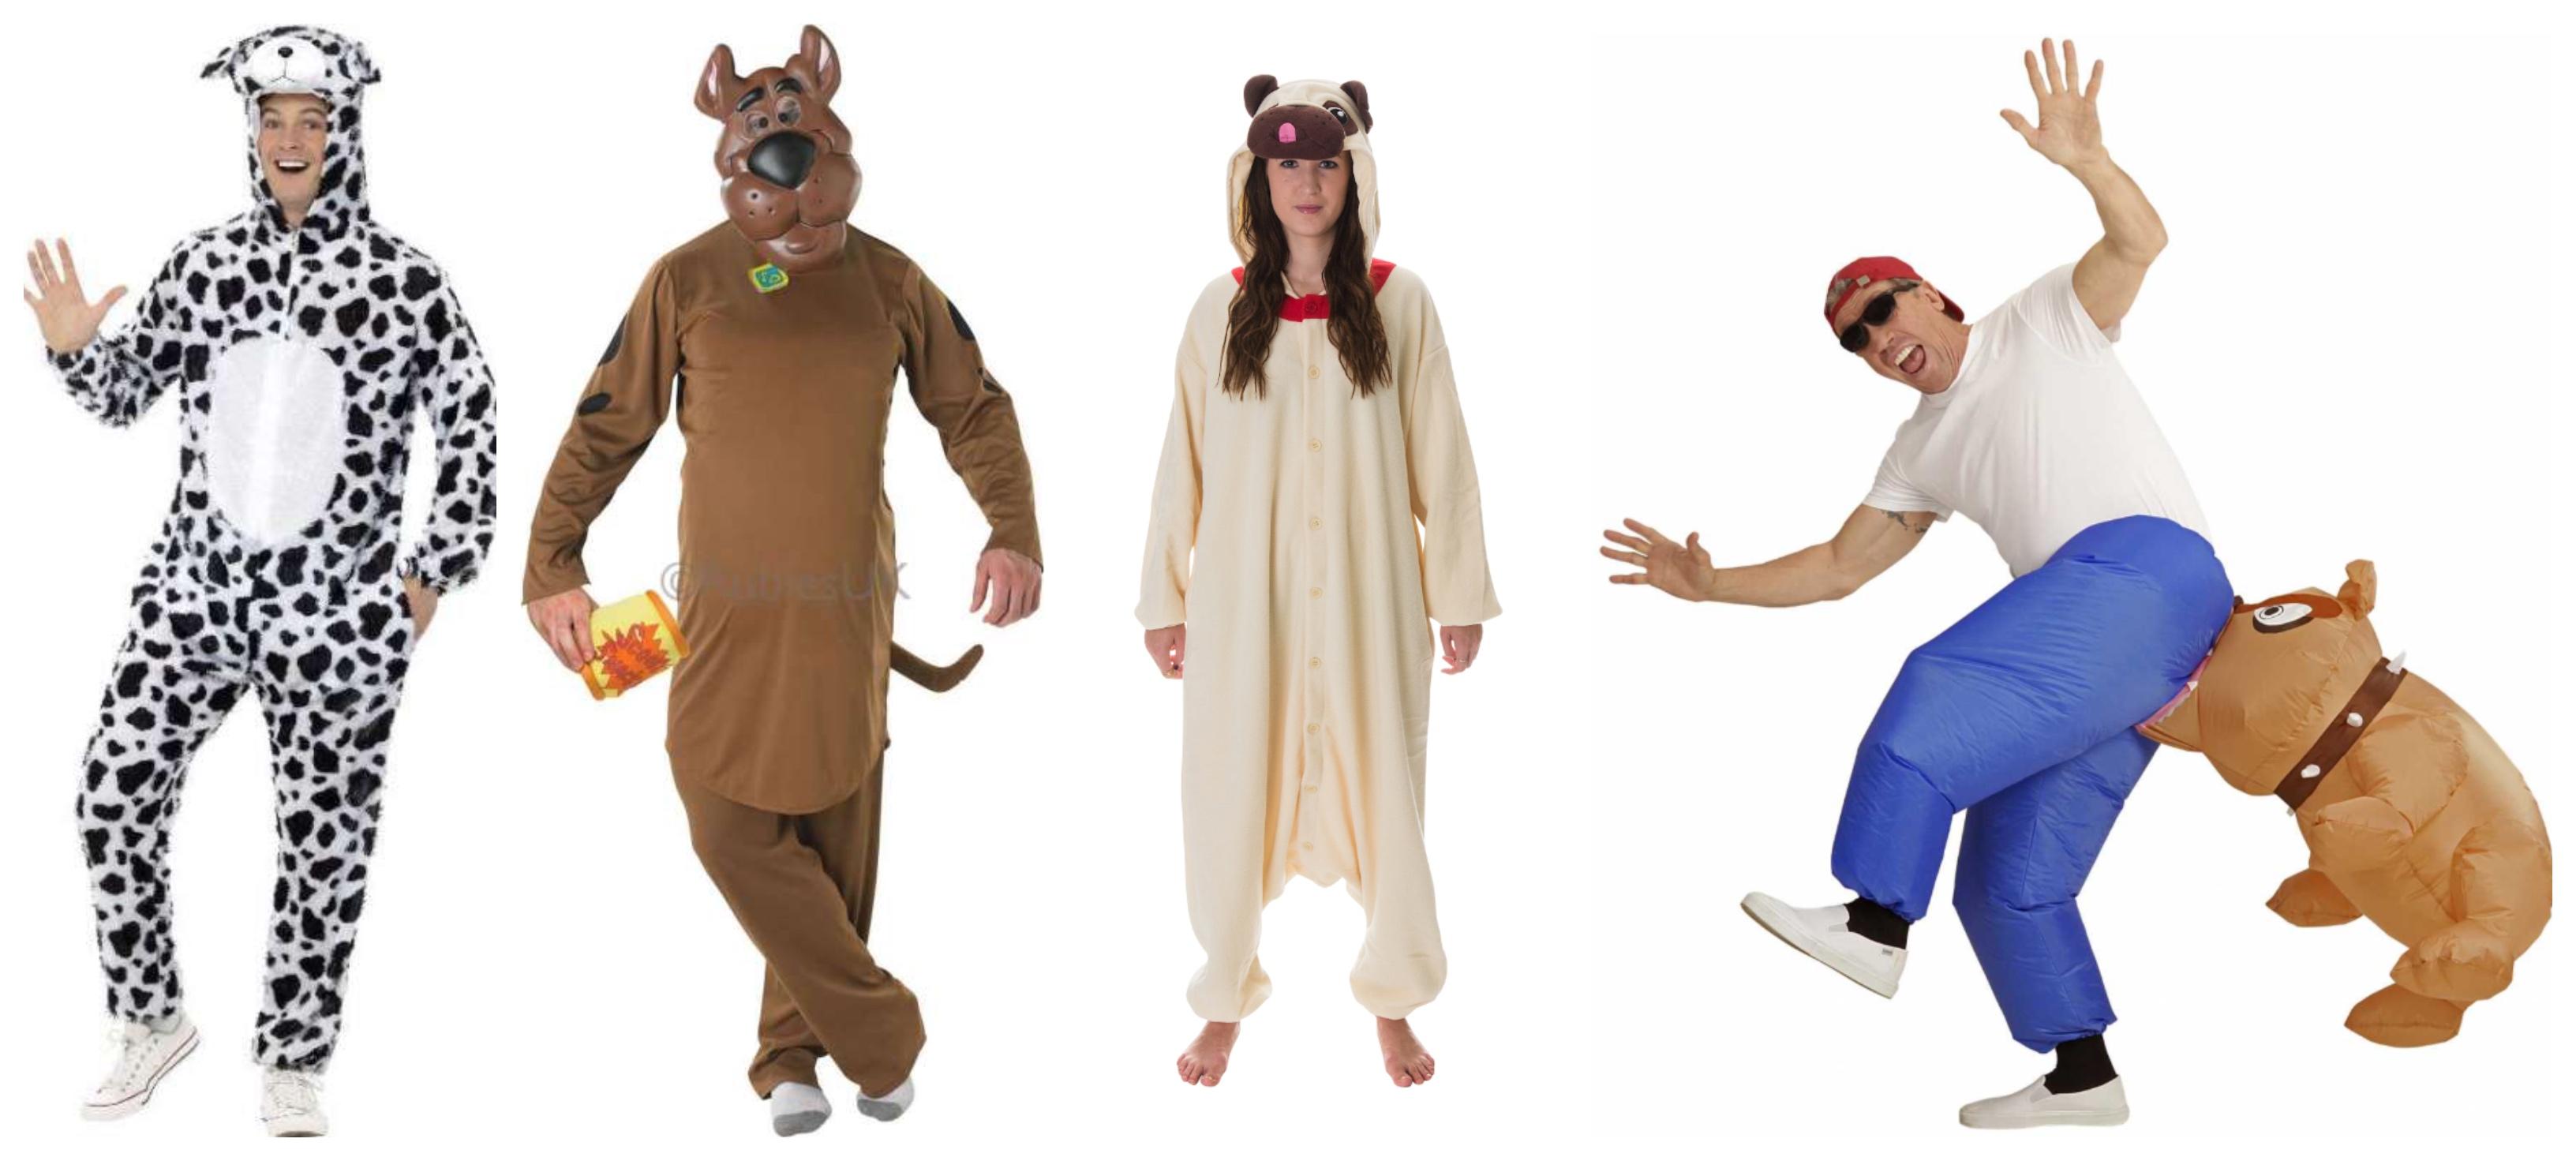 hunde kostume til voksne - Hundekostume til voksne